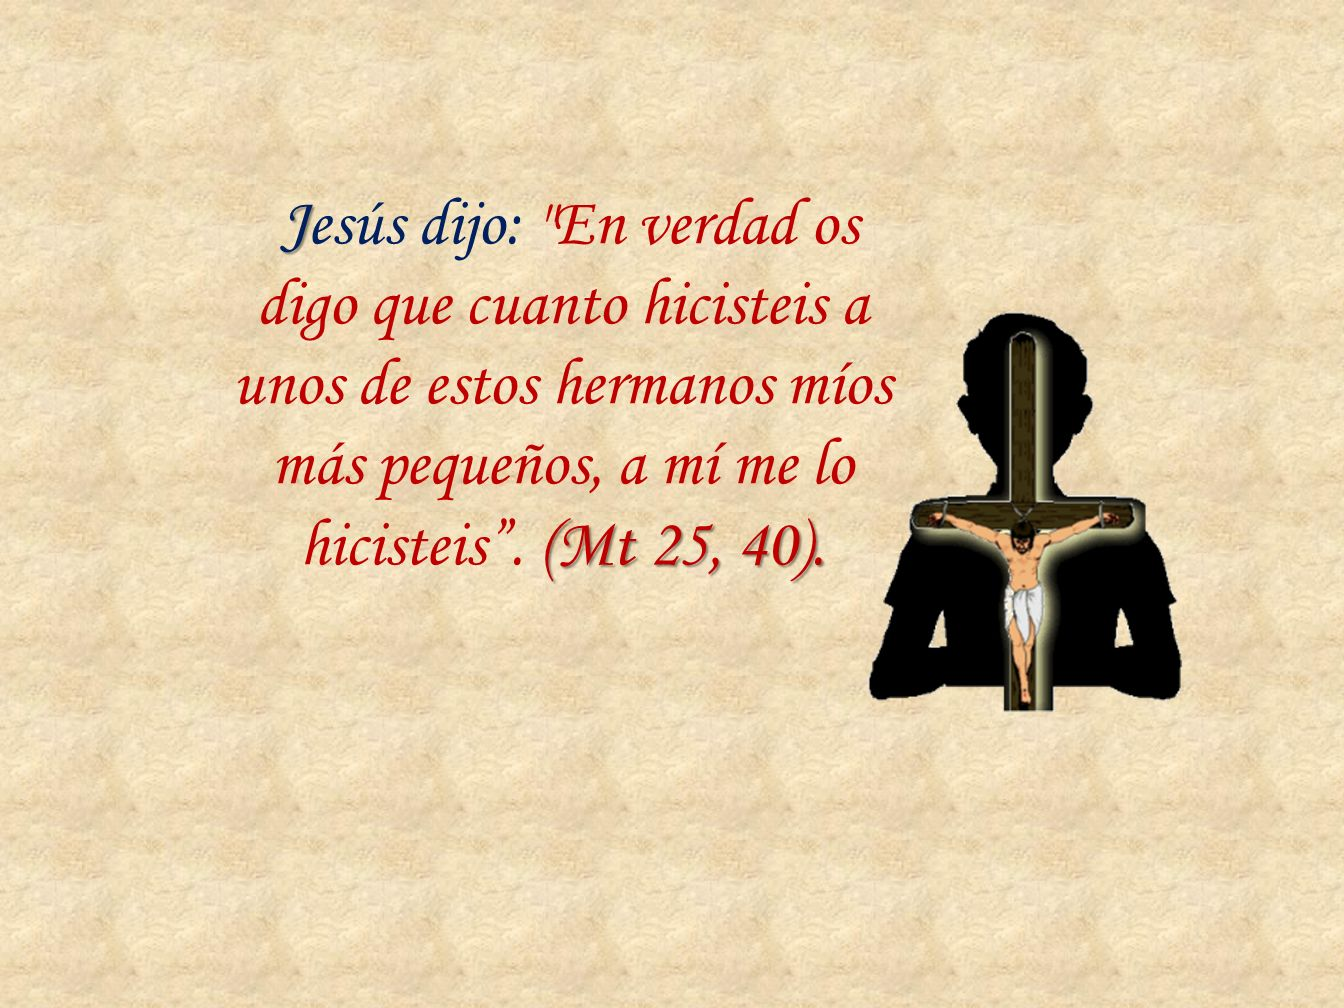 Jesús dijo: En verdad os digo que cuanto hicisteis a unos de estos hermanos míos más pequeños, a mí me lo hicisteis .